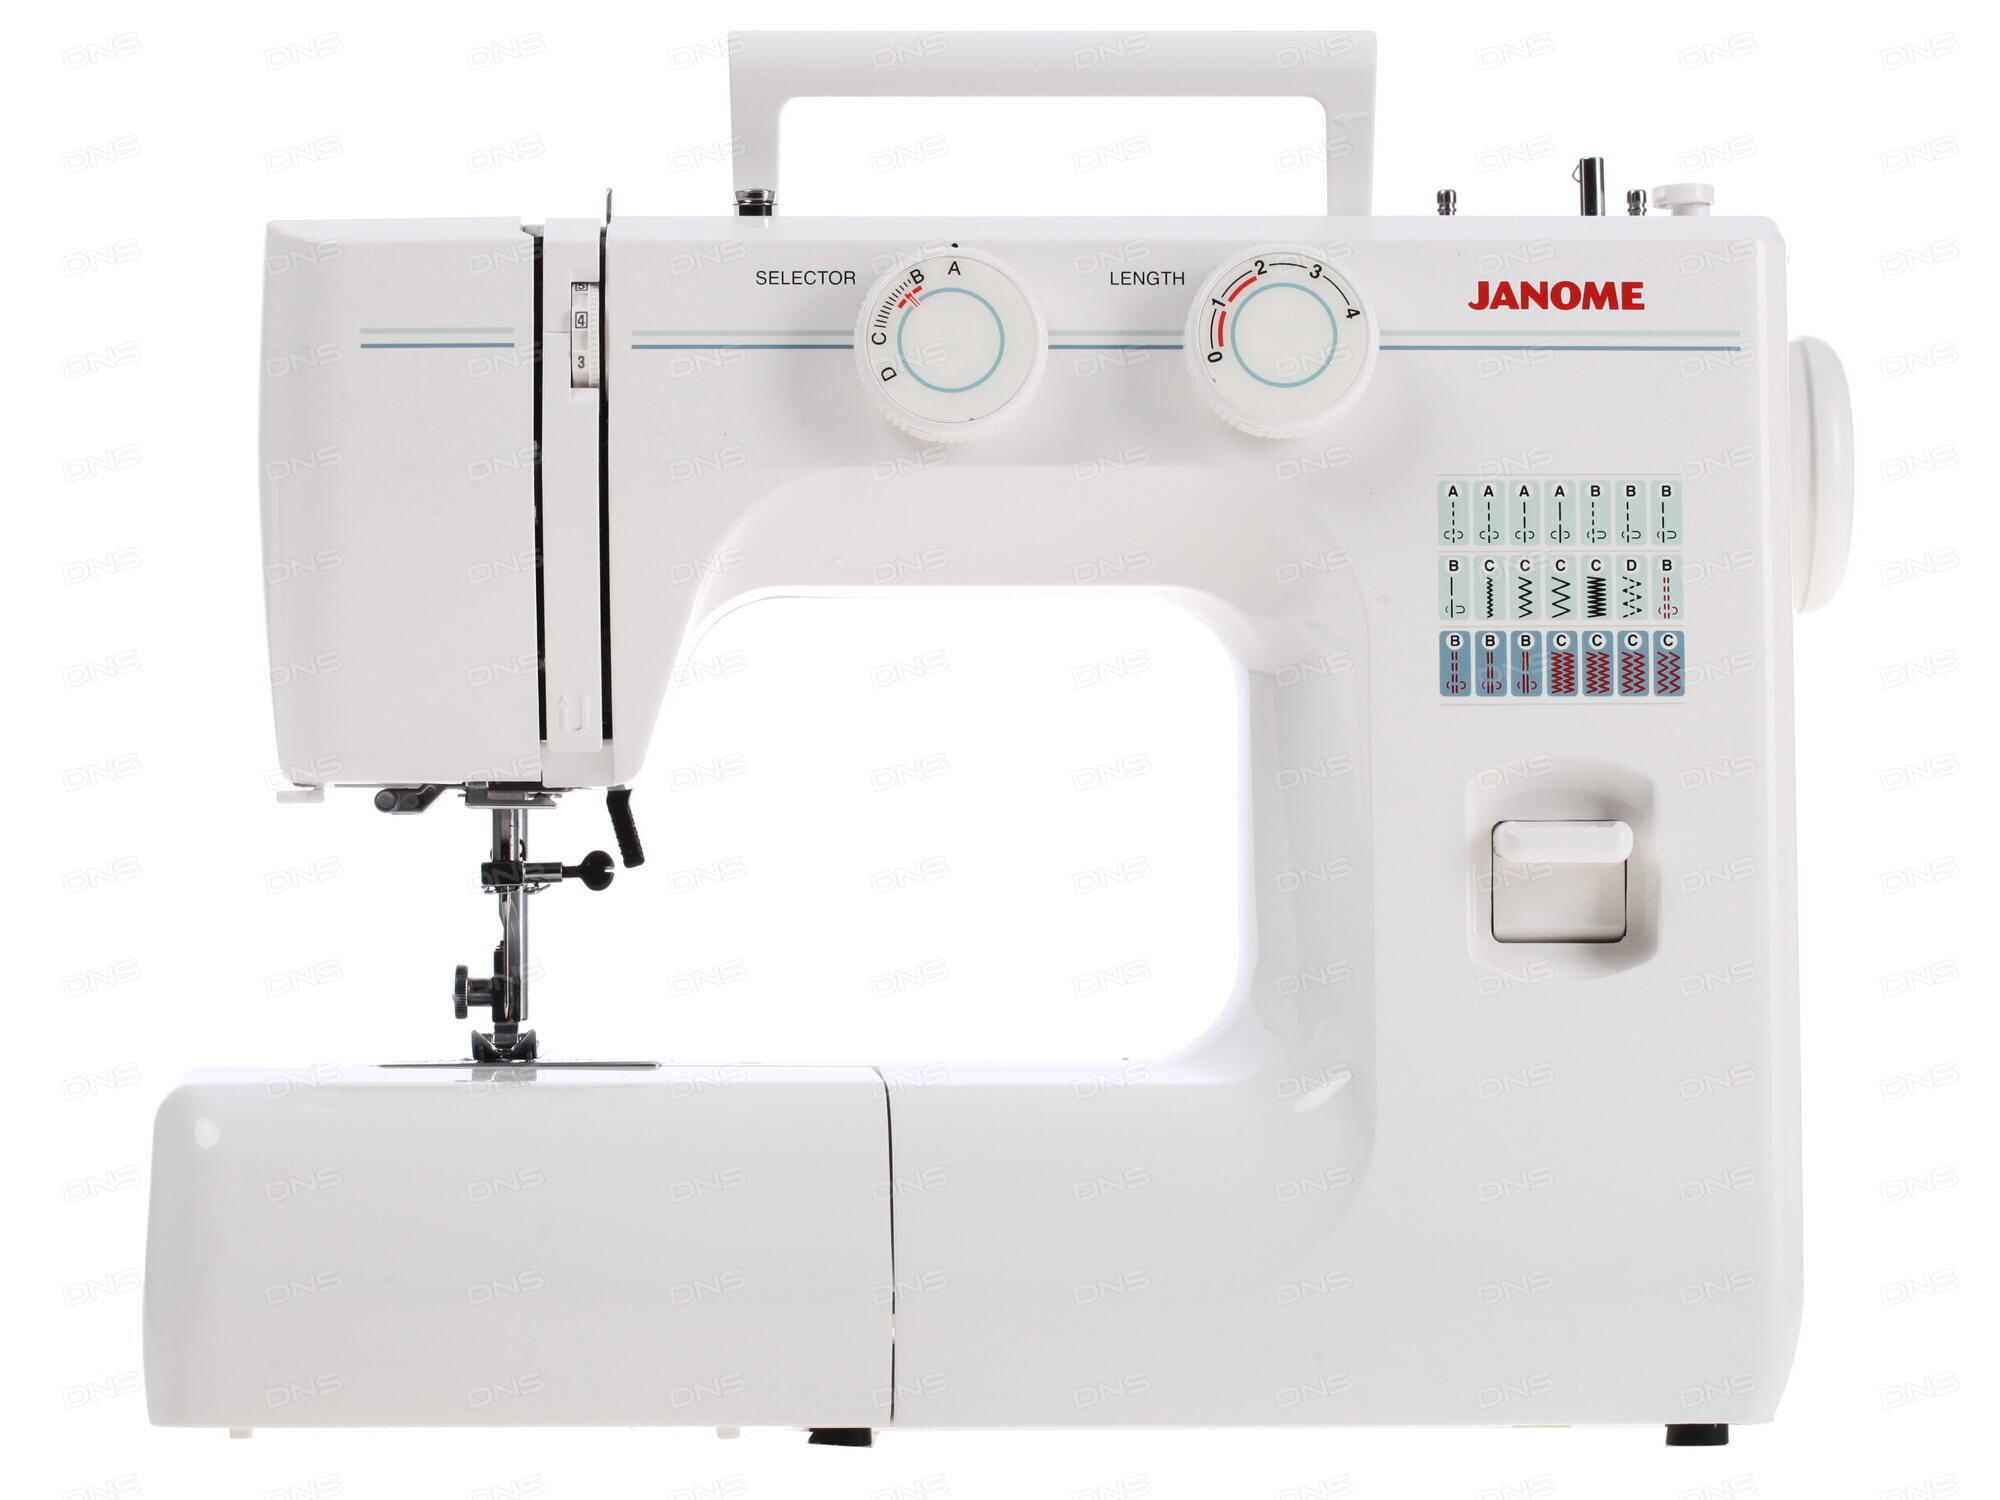 Швейная машина janome тм 2004